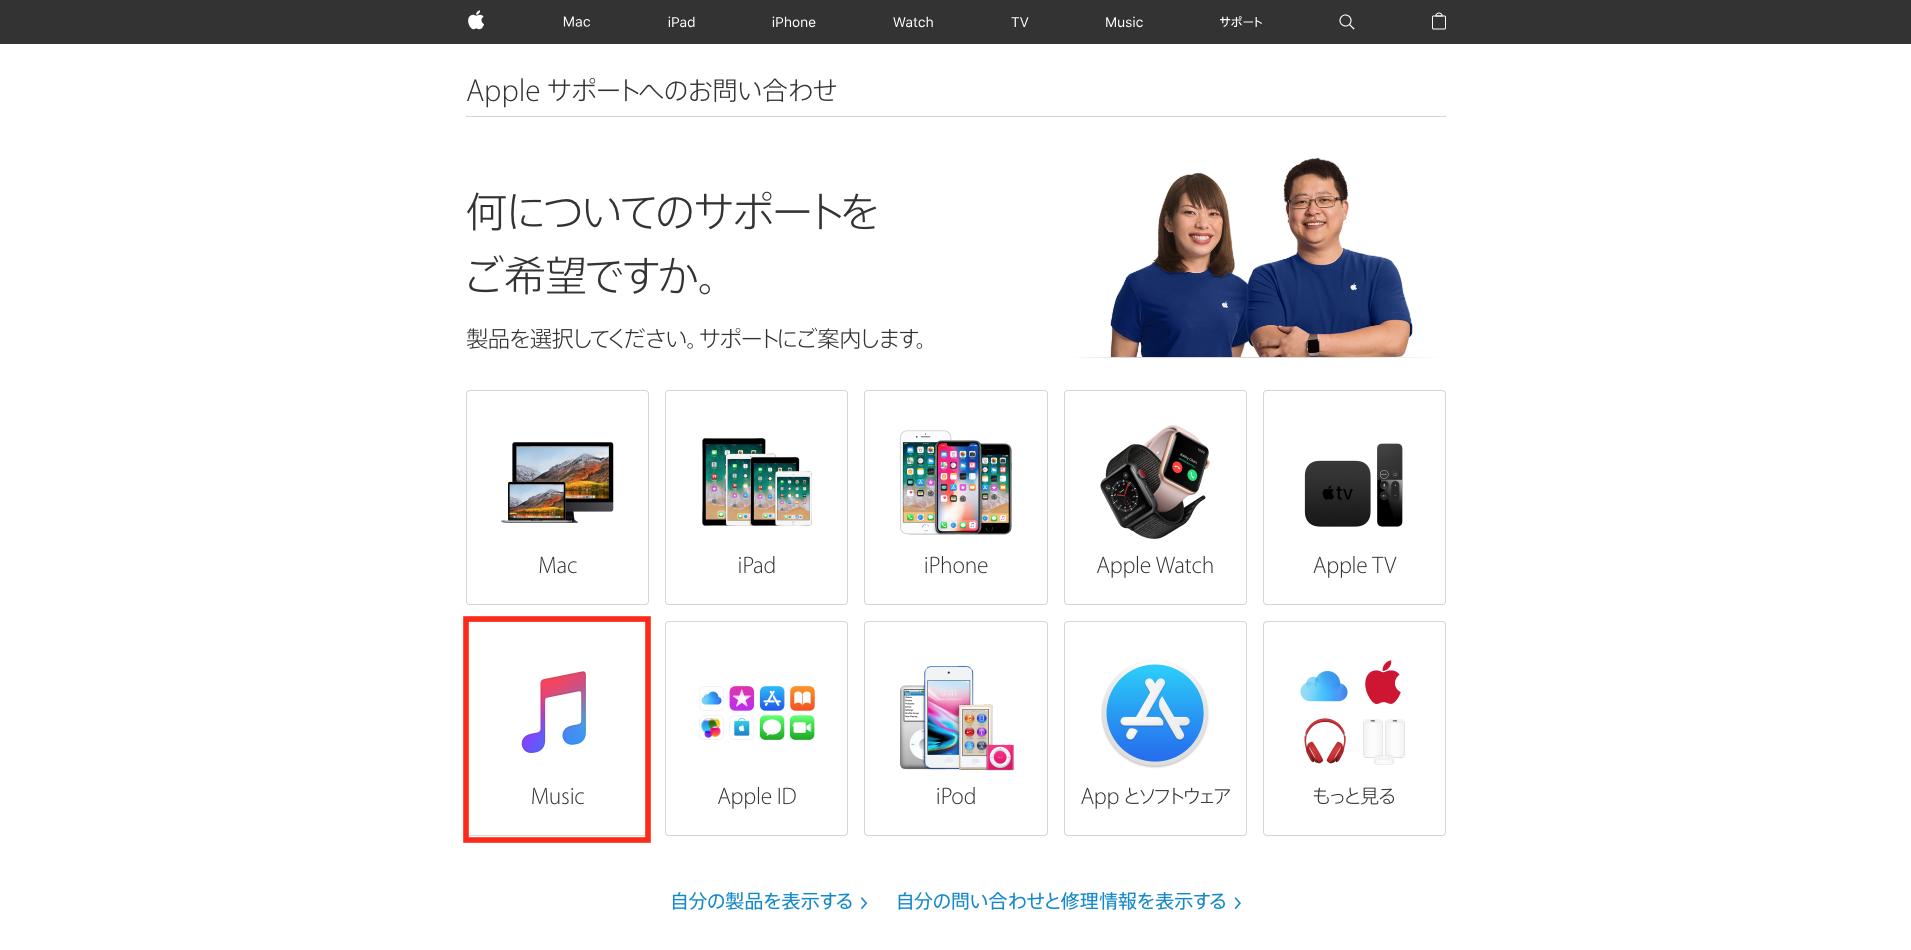 Apple問い合わせ